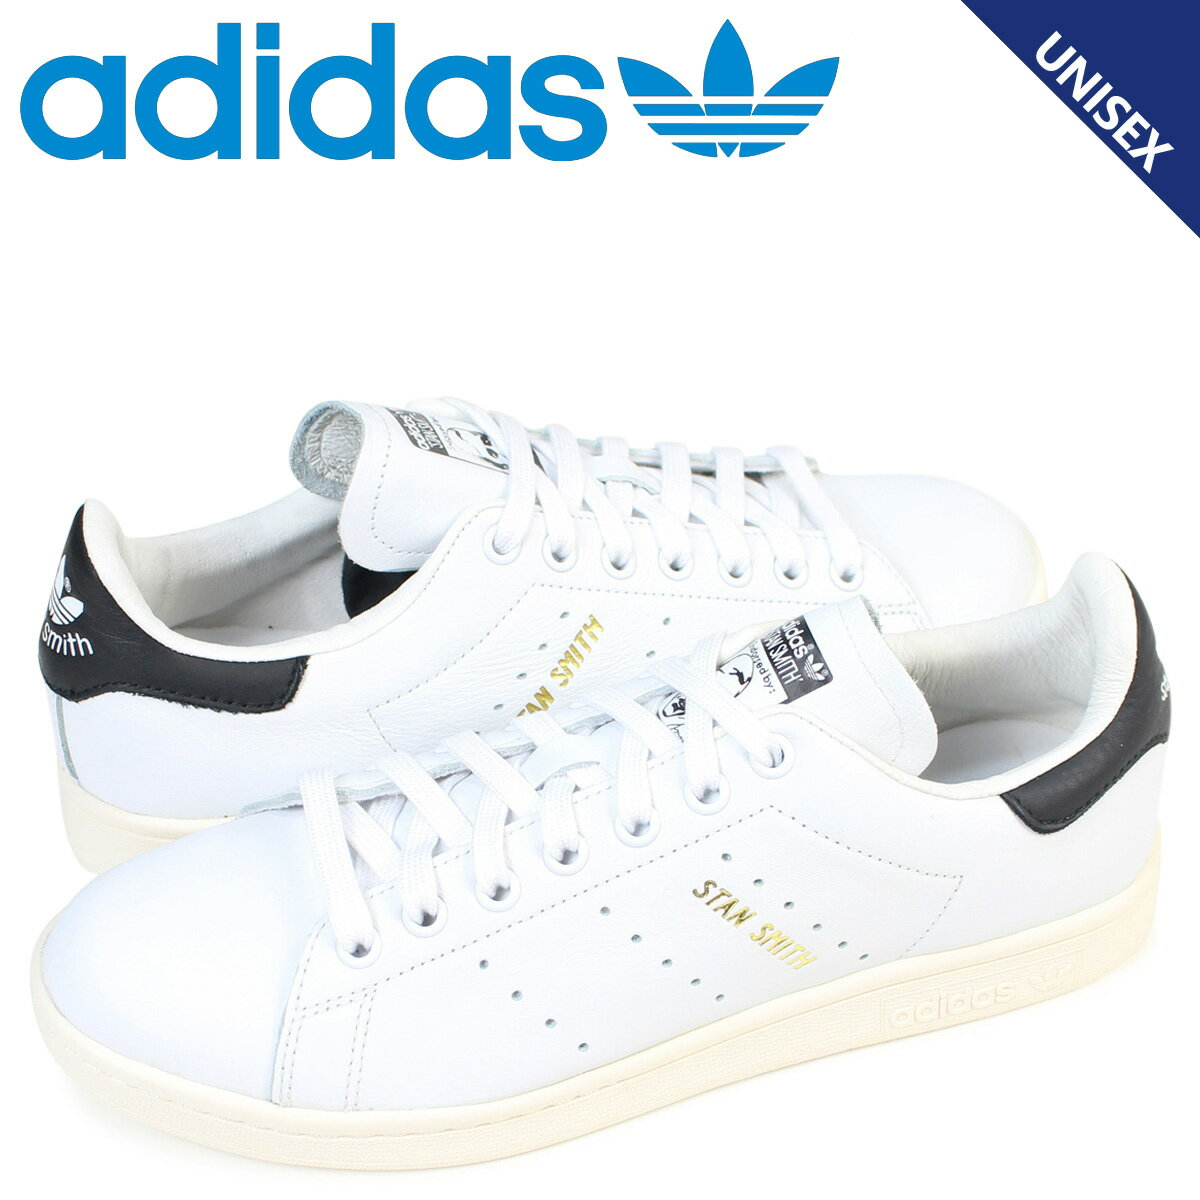 adidas Originals アディダス スタンスミス スニーカー STAN SMITH メンズ レディース S75076 靴 ホワイト